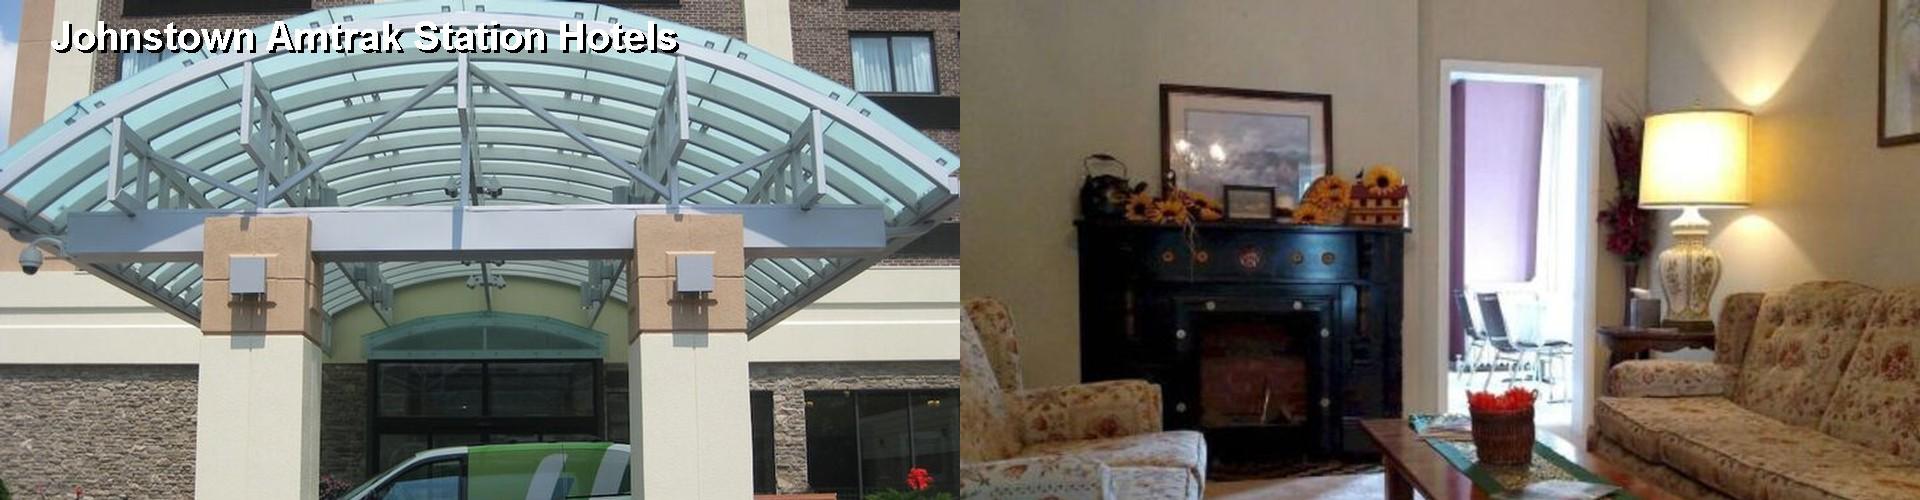 5 Best Hotels Near Johnstown Amtrak Station